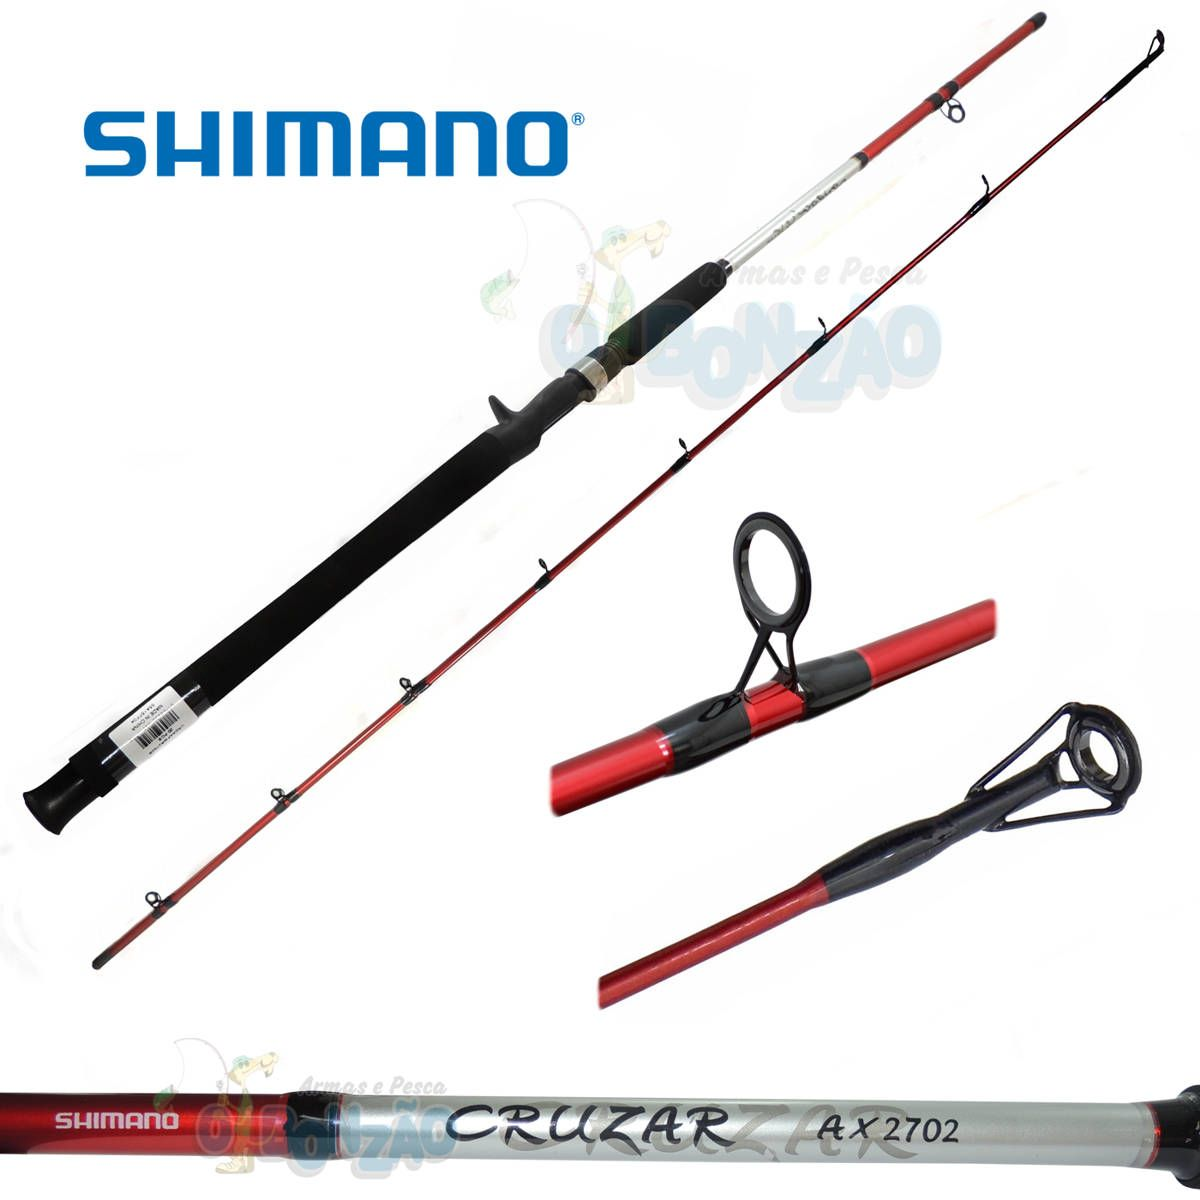 Vara Shimano Cruzar AX 2702 Red - 10-20lb - 2,10m - Carretilha 2 Partes